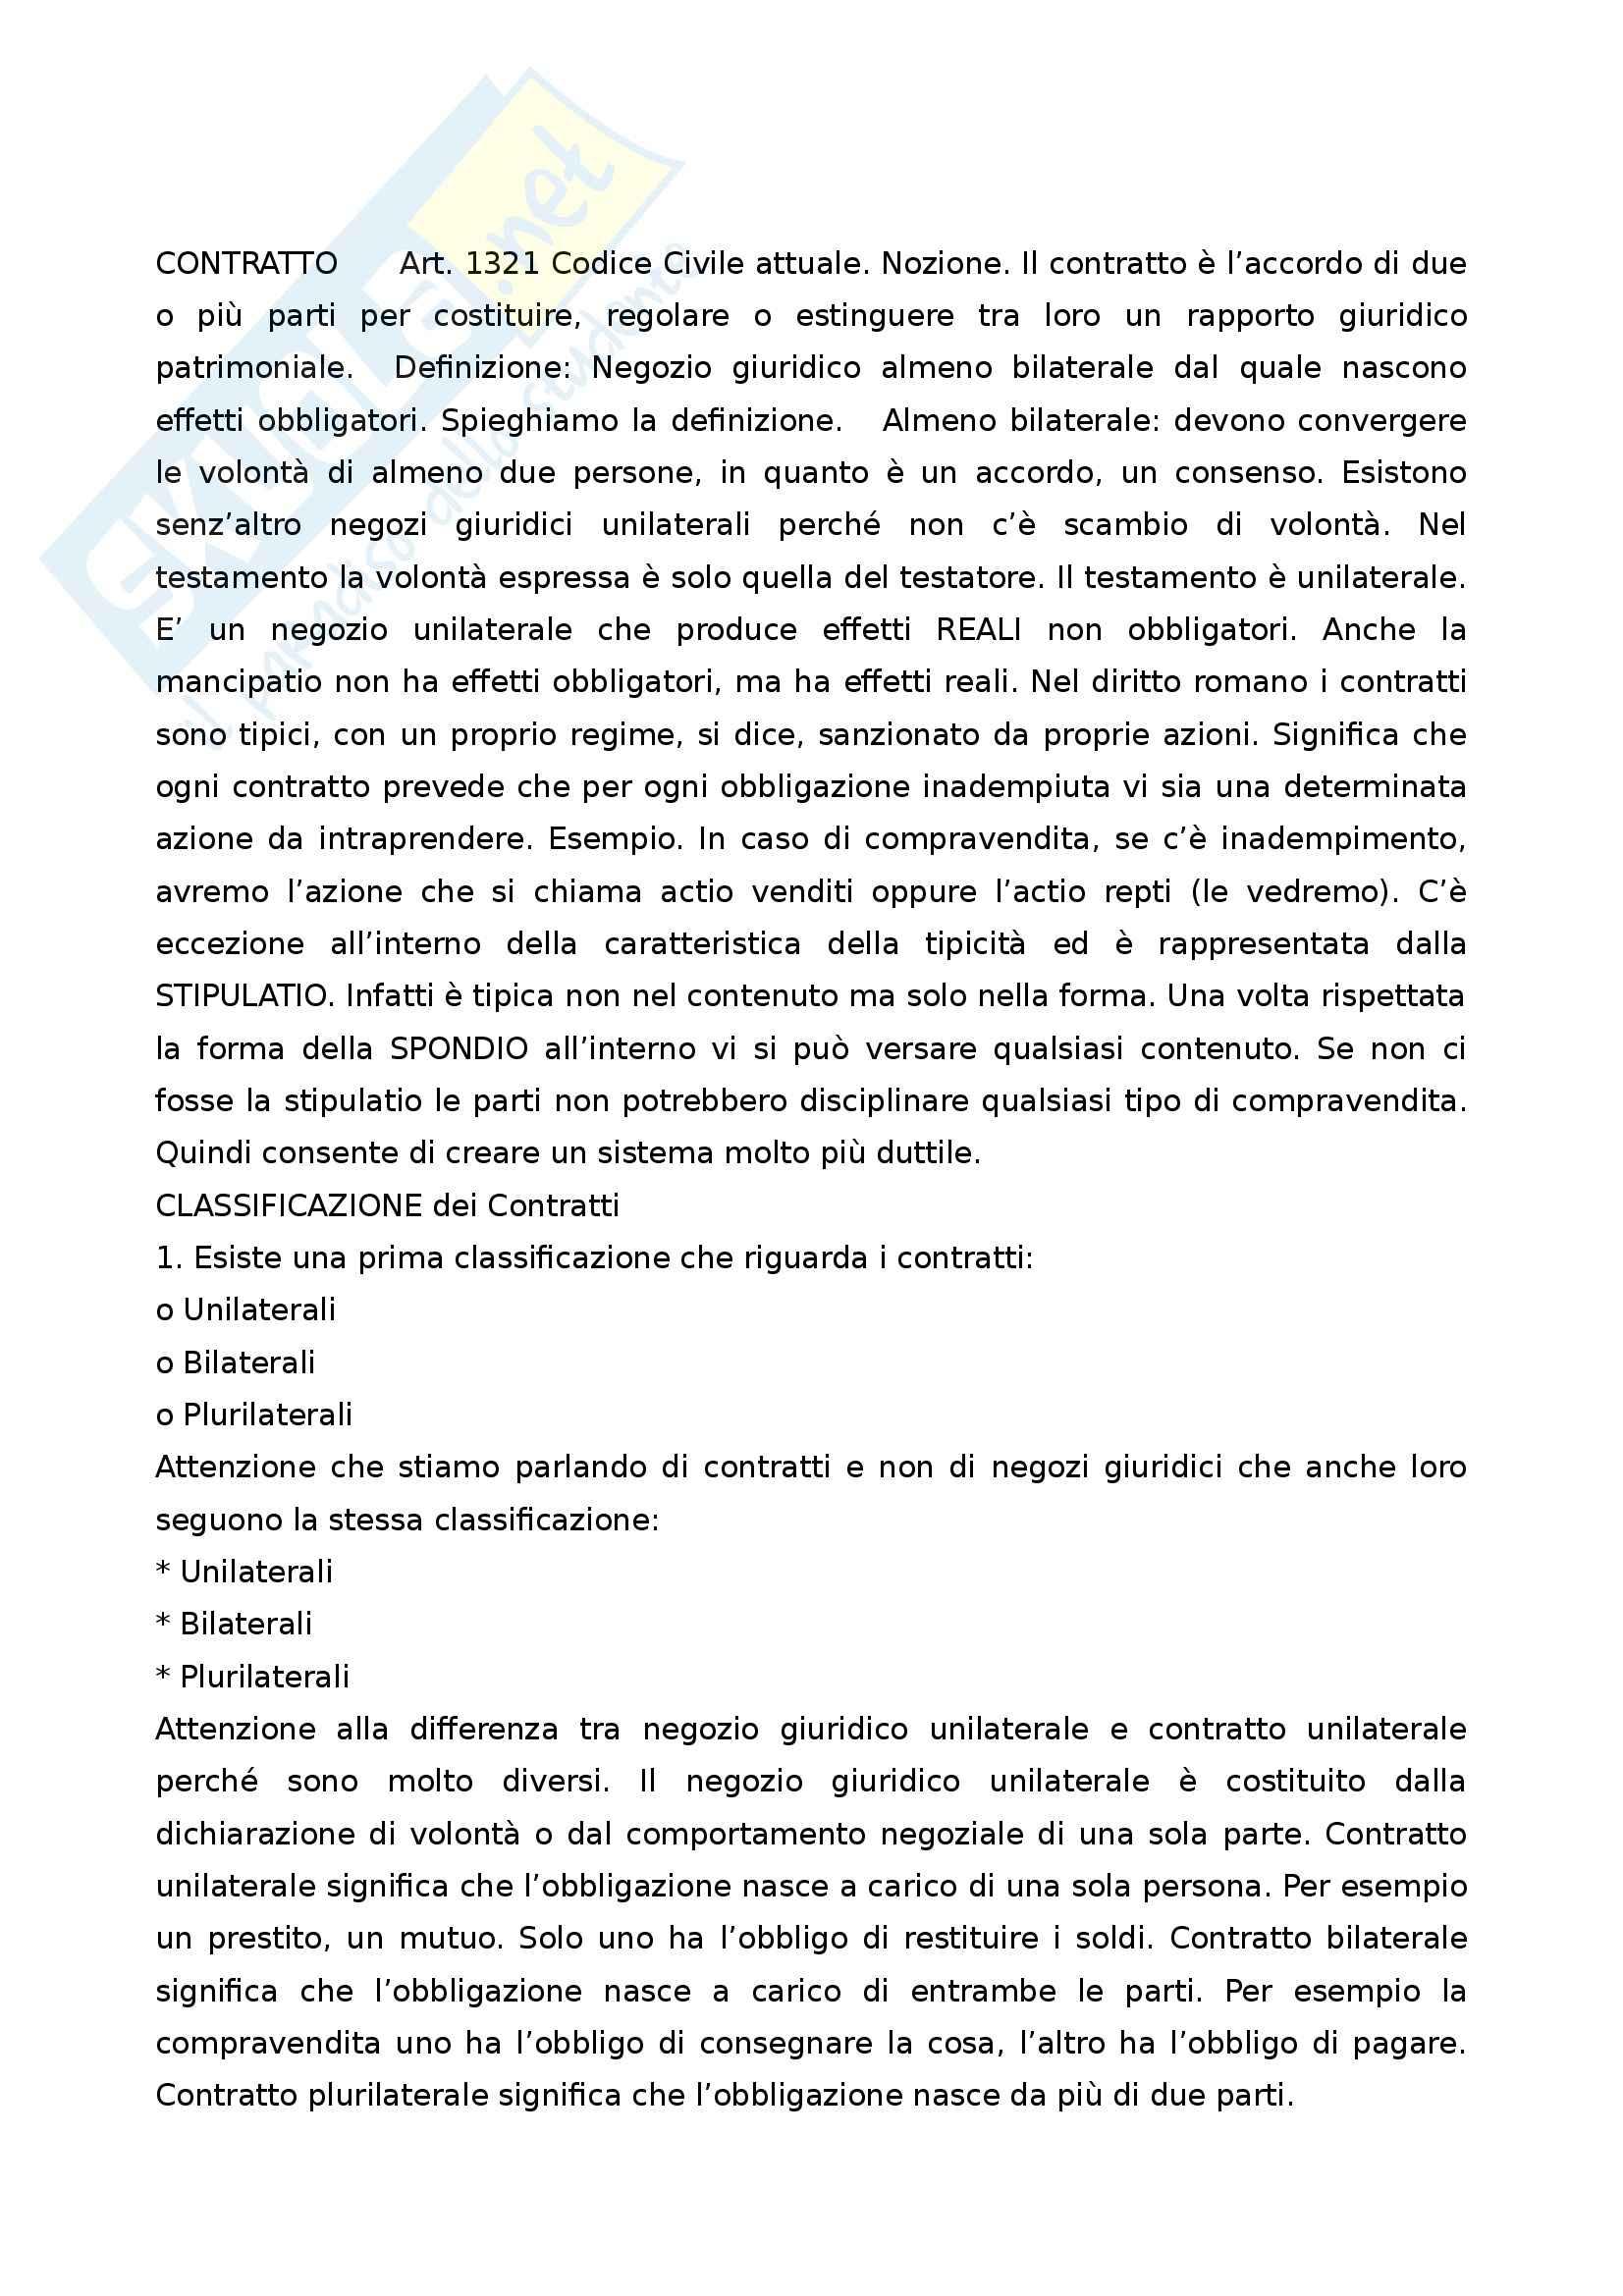 Diritto romano privato - storia del contratto e delle obbligazioni Pag. 46